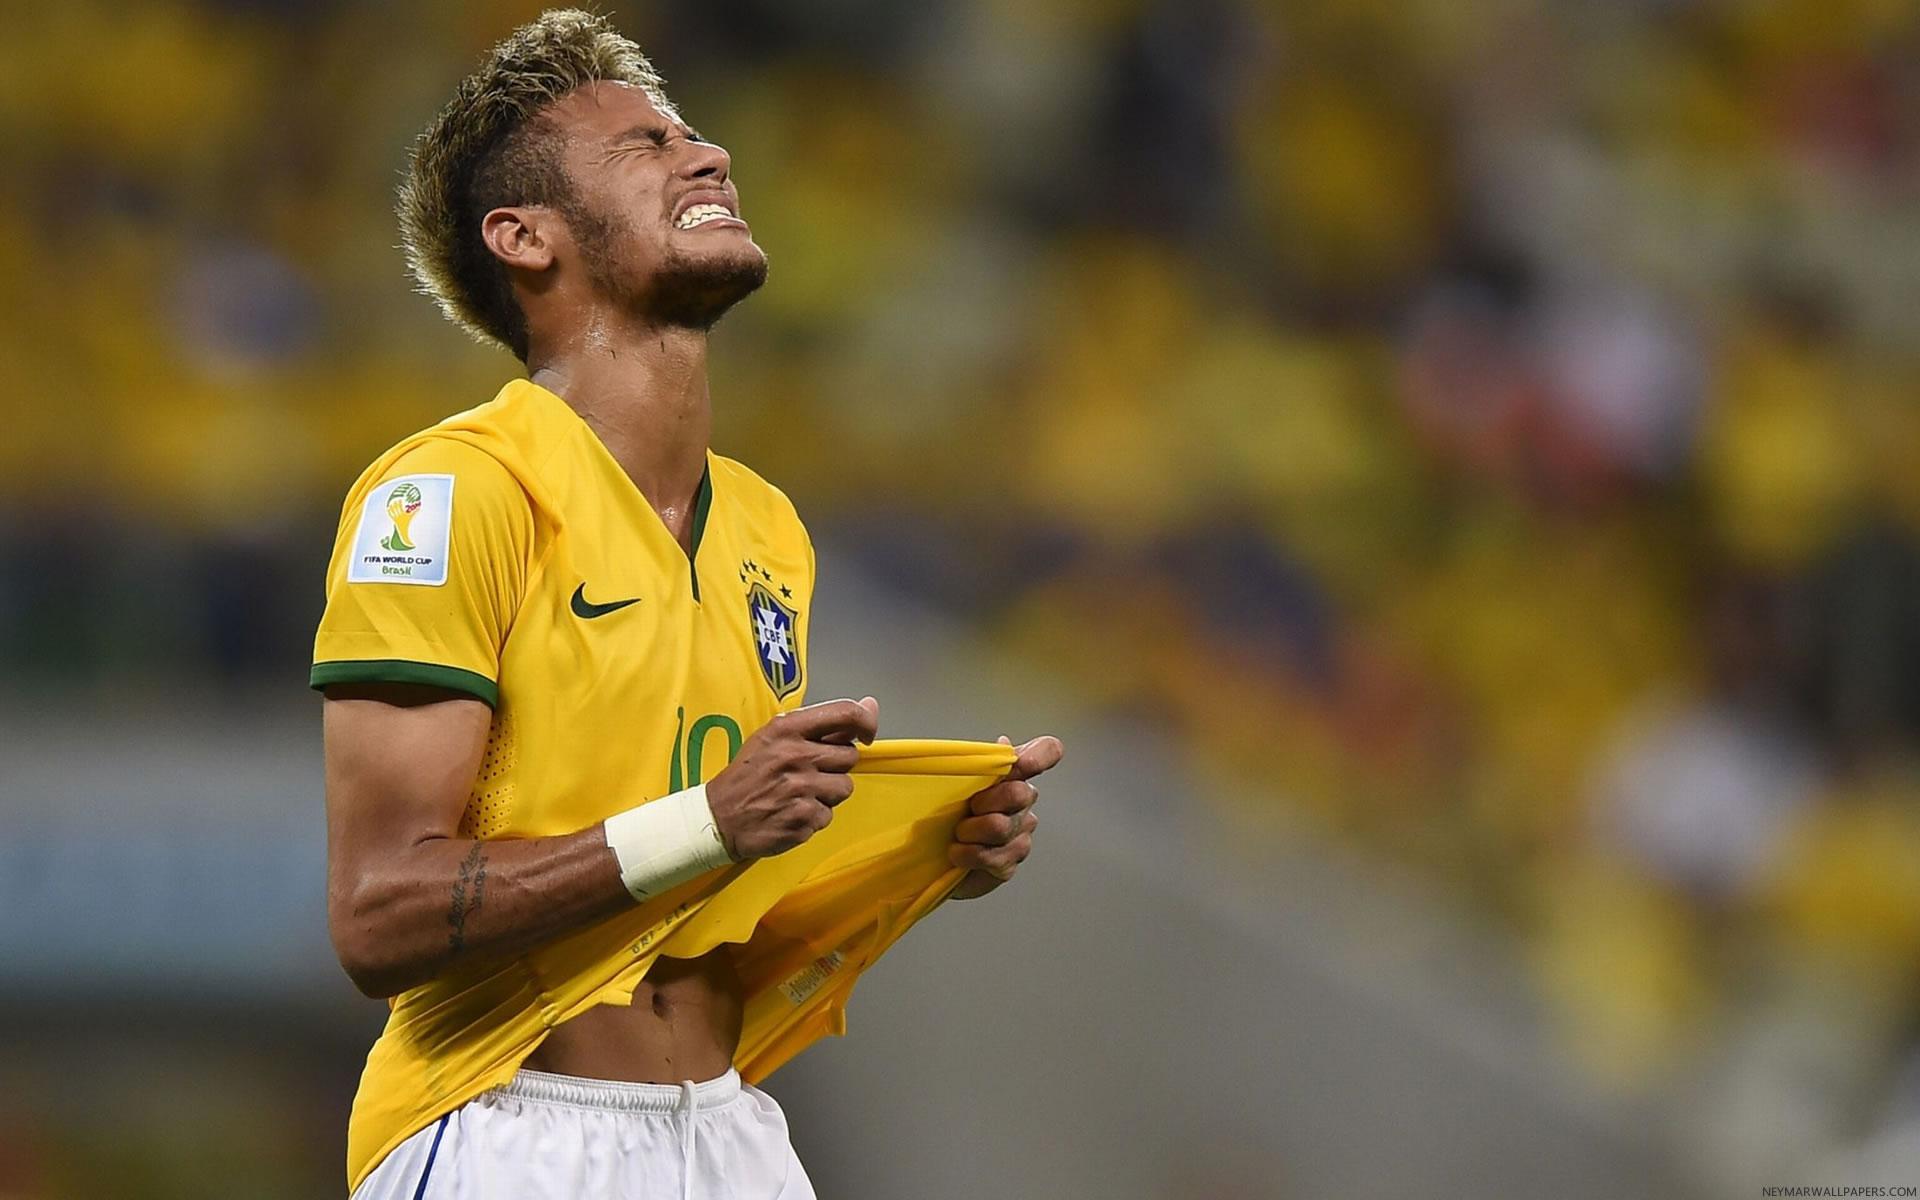 Neymar World Cup 2014 Wallpaper - Neymar World Cup Iphone , HD Wallpaper & Backgrounds